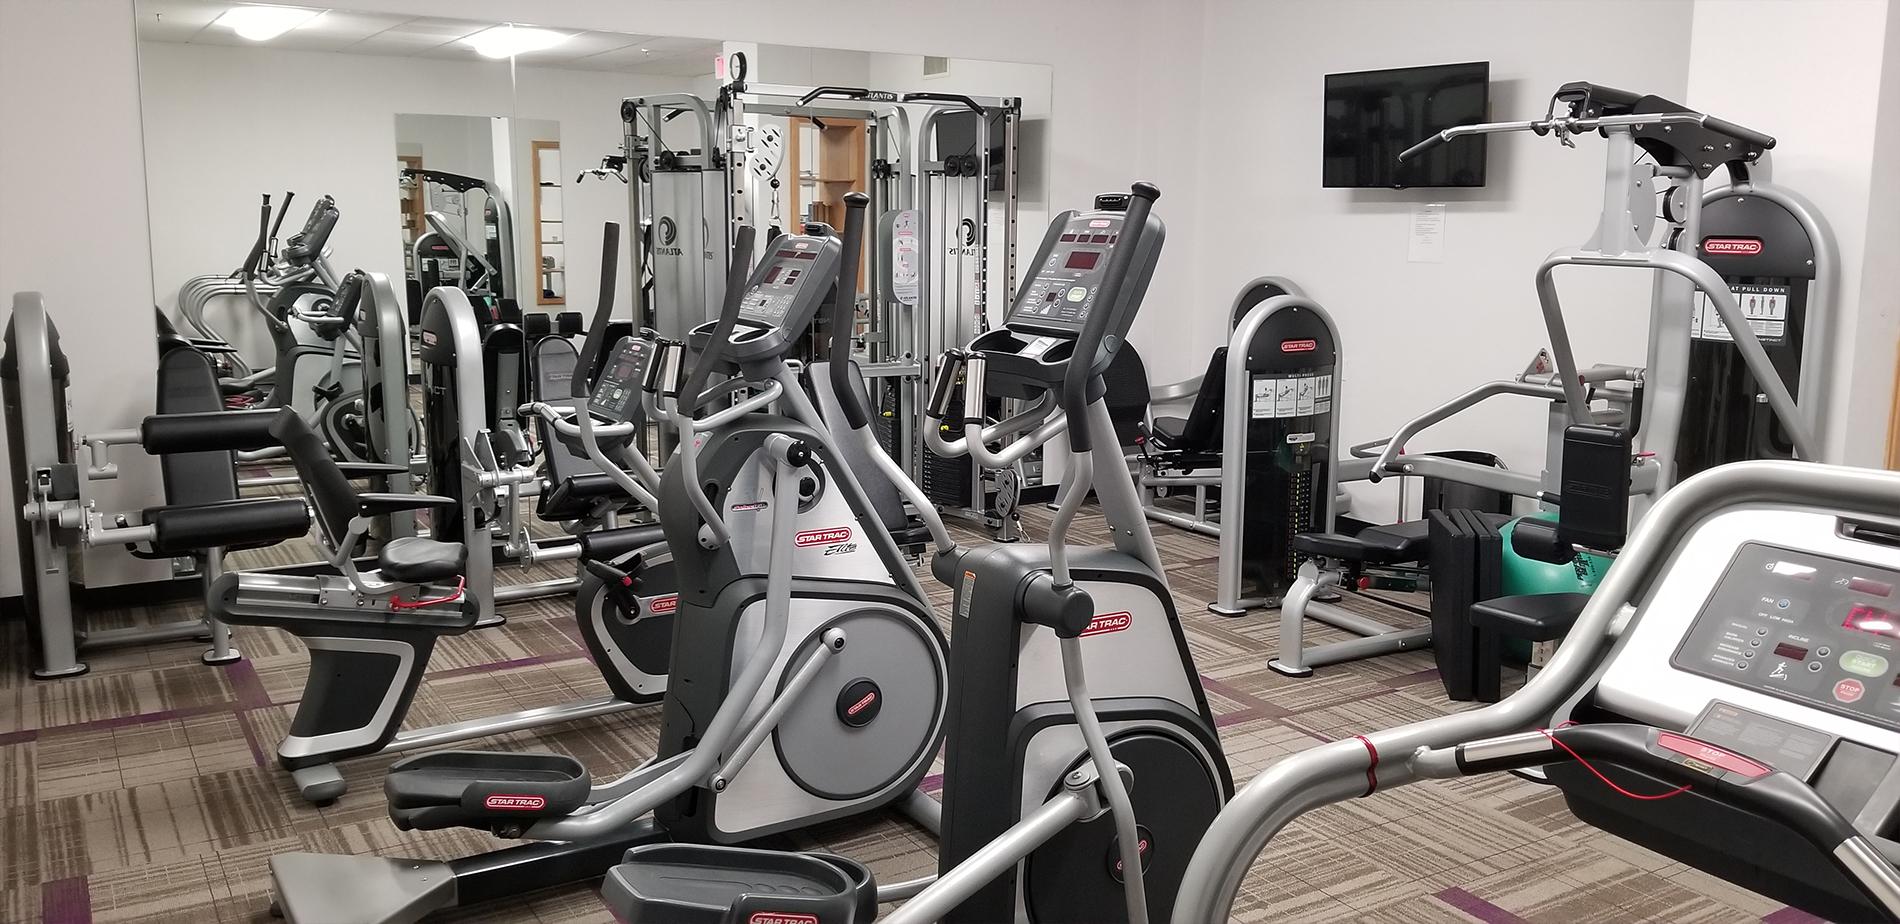 The Brighton Condominium Gym